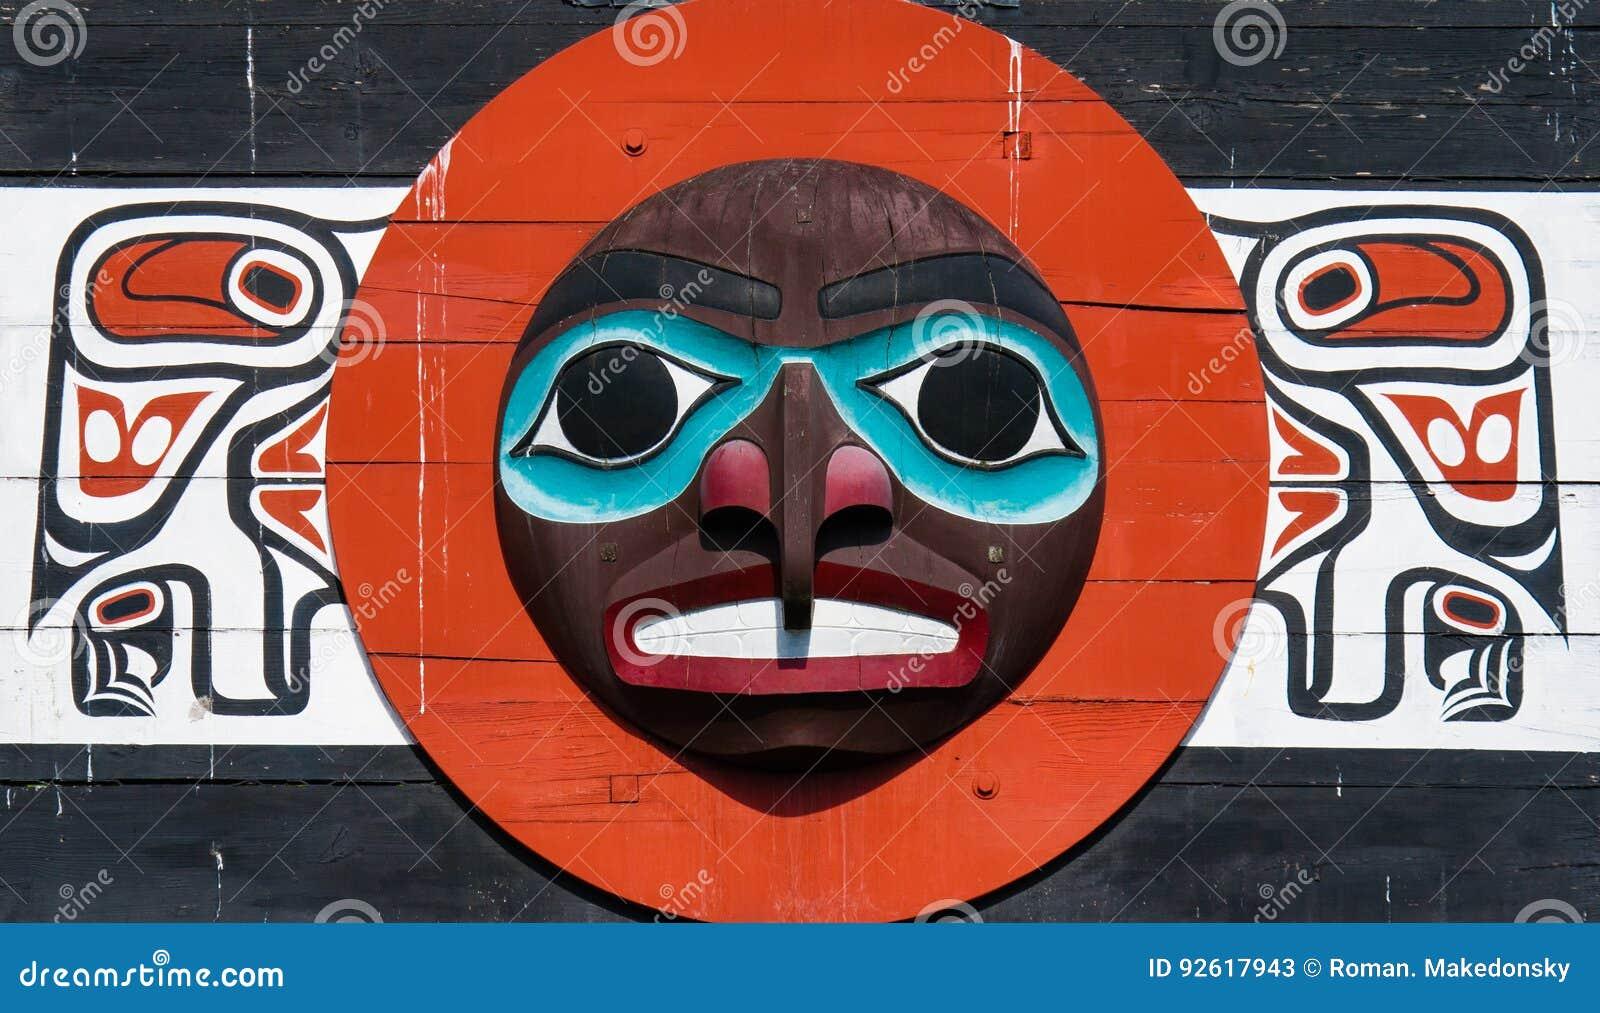 Urbefolkning totempåle som föreställer unik kultur av de första nationerna